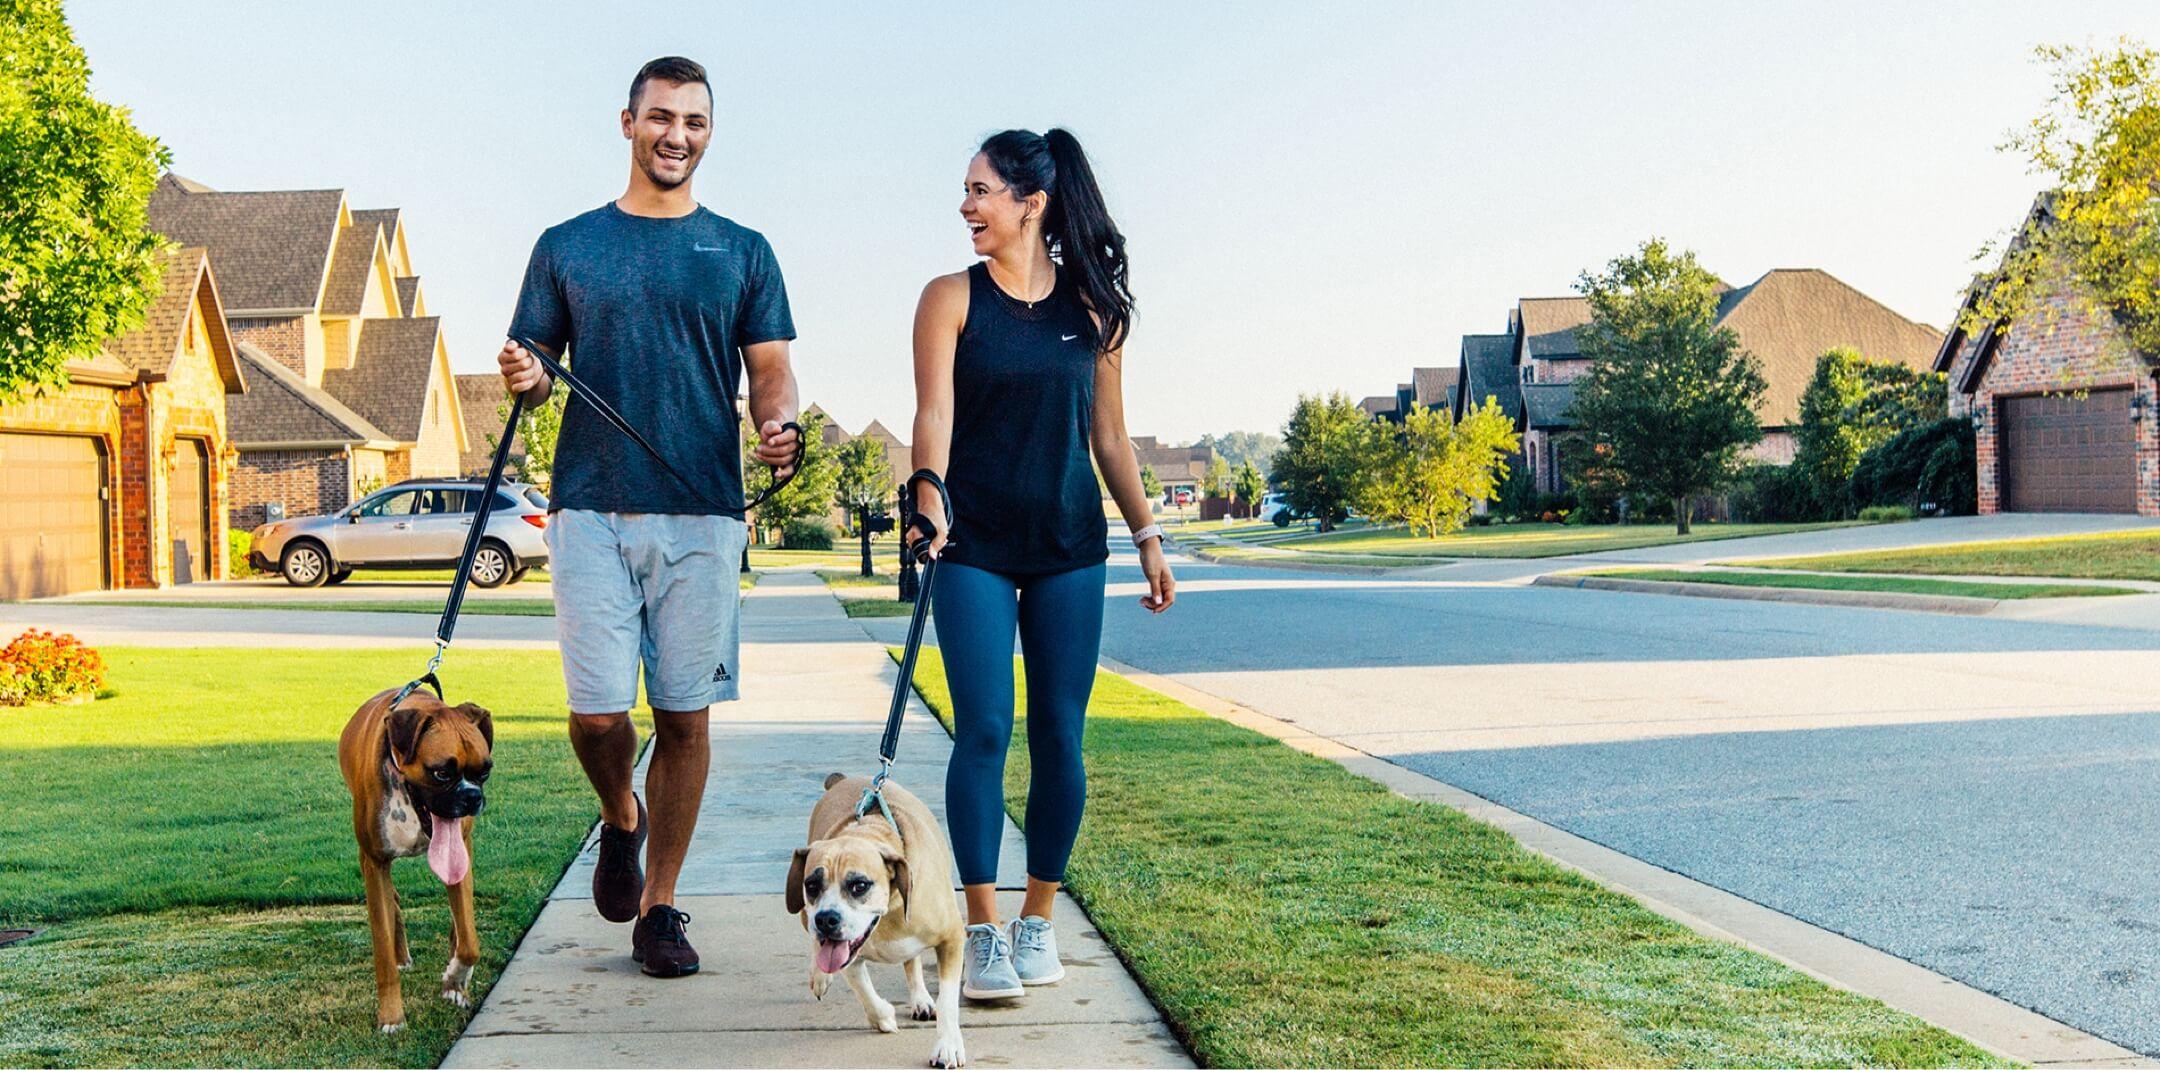 couple walking dogs in neighborhood